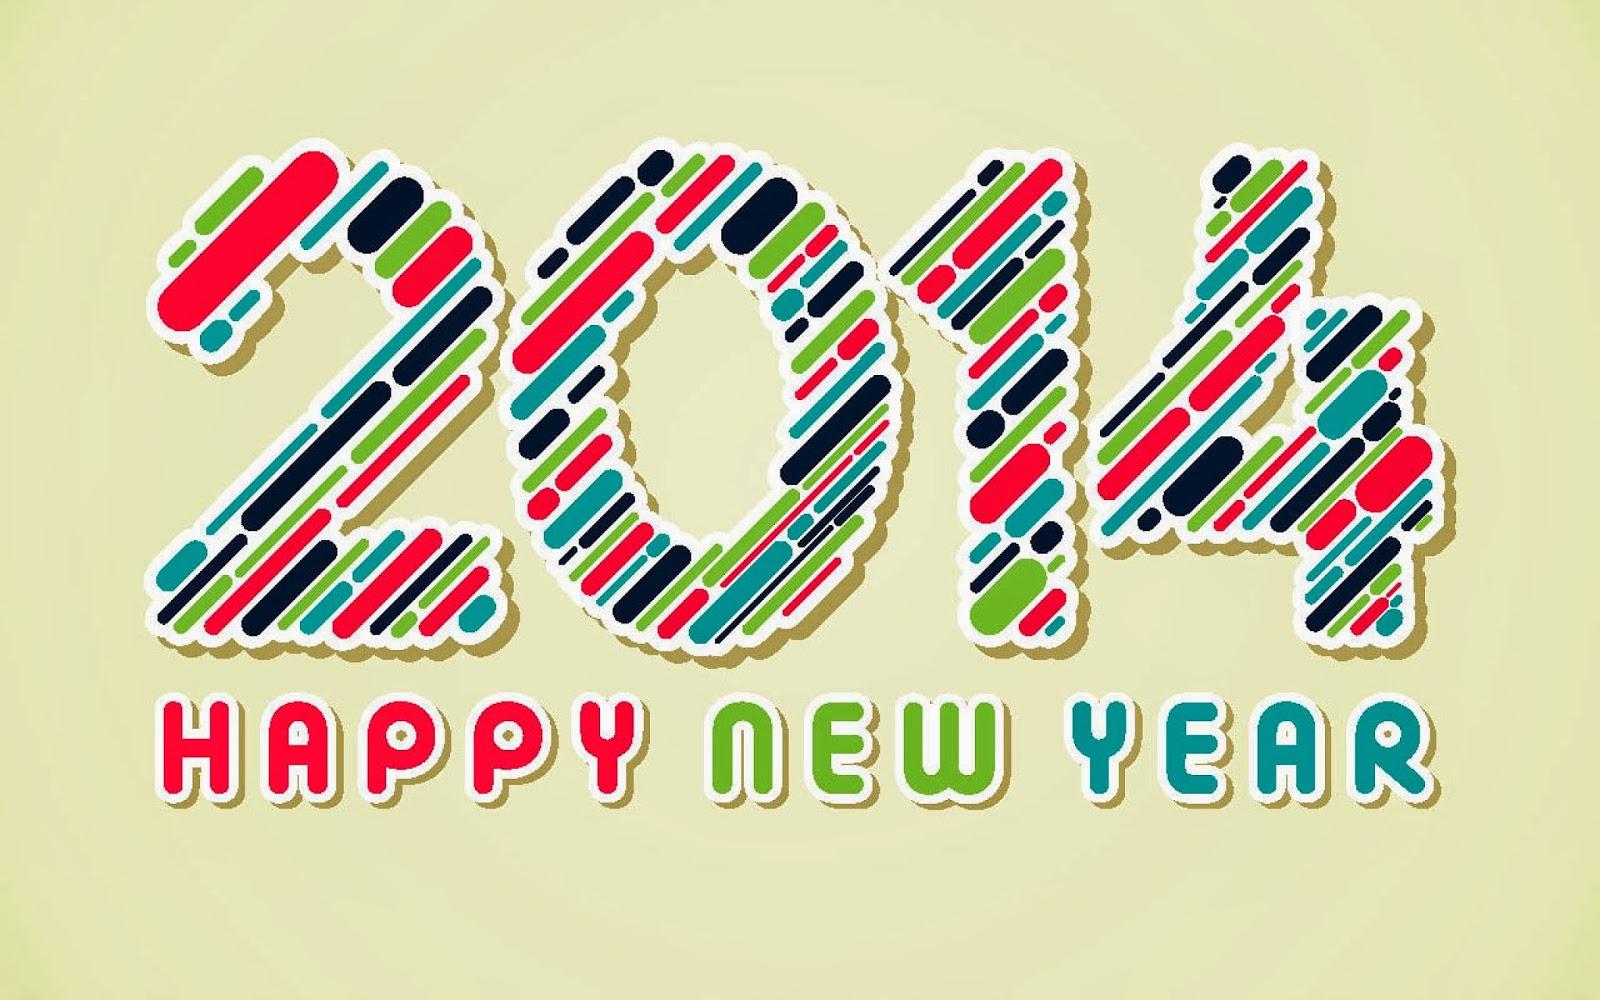 http://1.bp.blogspot.com/-blsKjd8_SI8/UqwULq6oPzI/AAAAAAAAGMM/X5QwnzypaL0/s1600/happy-new-year-2014-clipart-image-free.jpg